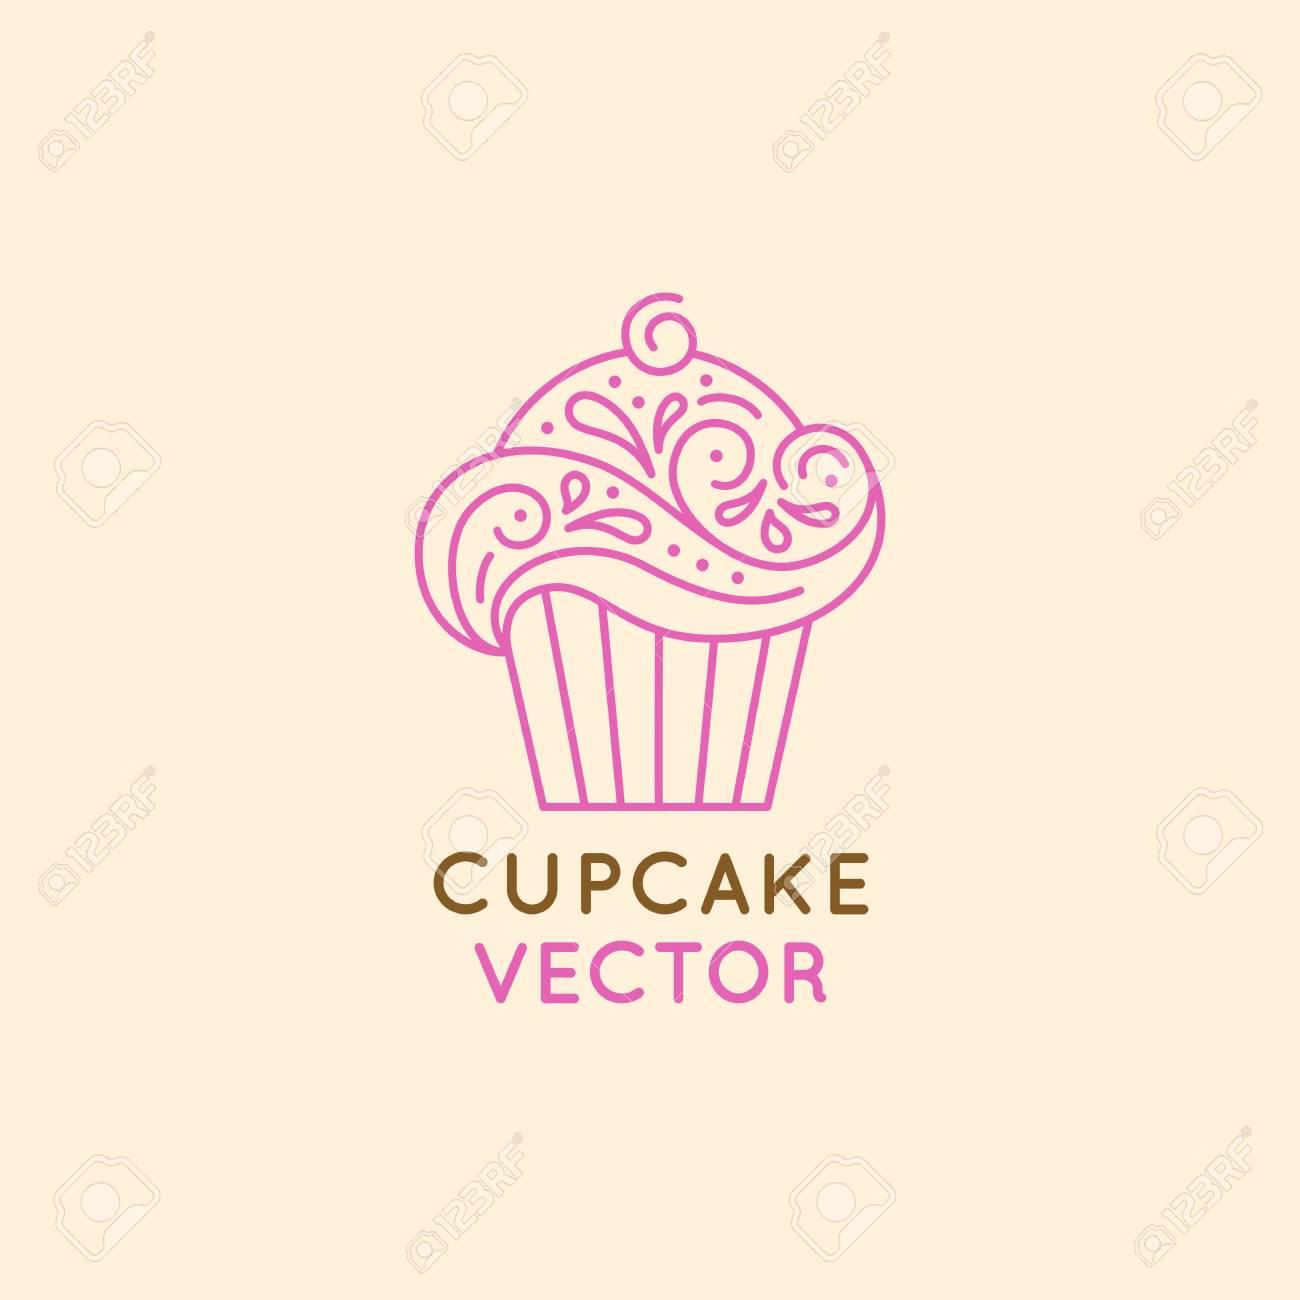 Modele De Logo De Logo Vectoriel Et Insignes En Style Lineaire Plat Cupcake Sucre Embleme Pour Confiserie Boulangerie Et Cafe Faire Cuire Des Gateaux Savoureux Clip Art Libres De